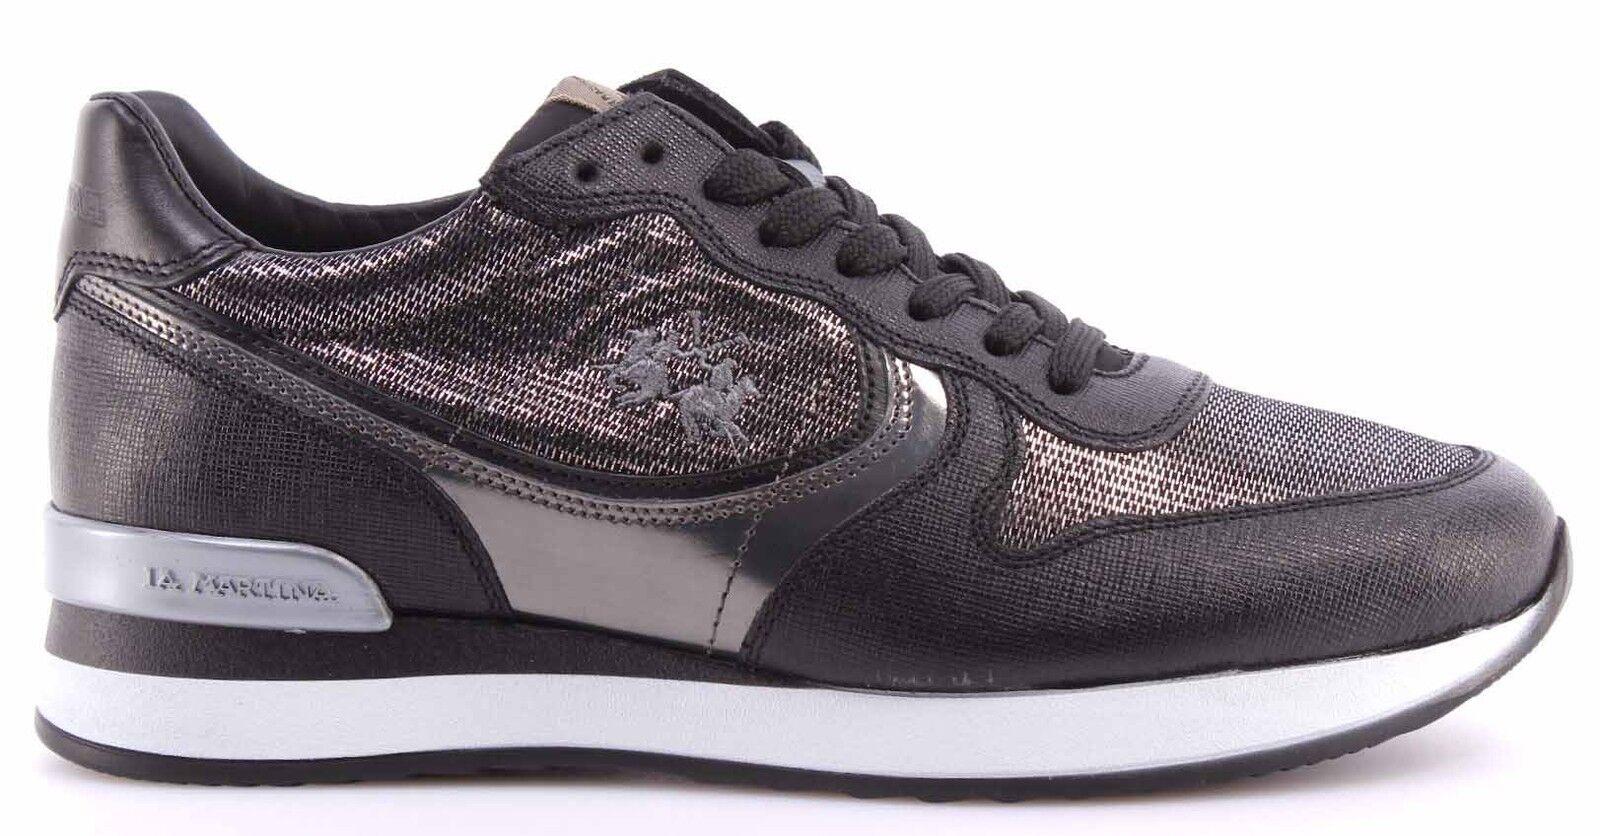 Nuevos zapatos para hombres y mujeres, descuento por tiempo limitado Zapatos Mujer Sneakers LA MARTINA L2140246 Saffiano Nero Miraval Argento Italy